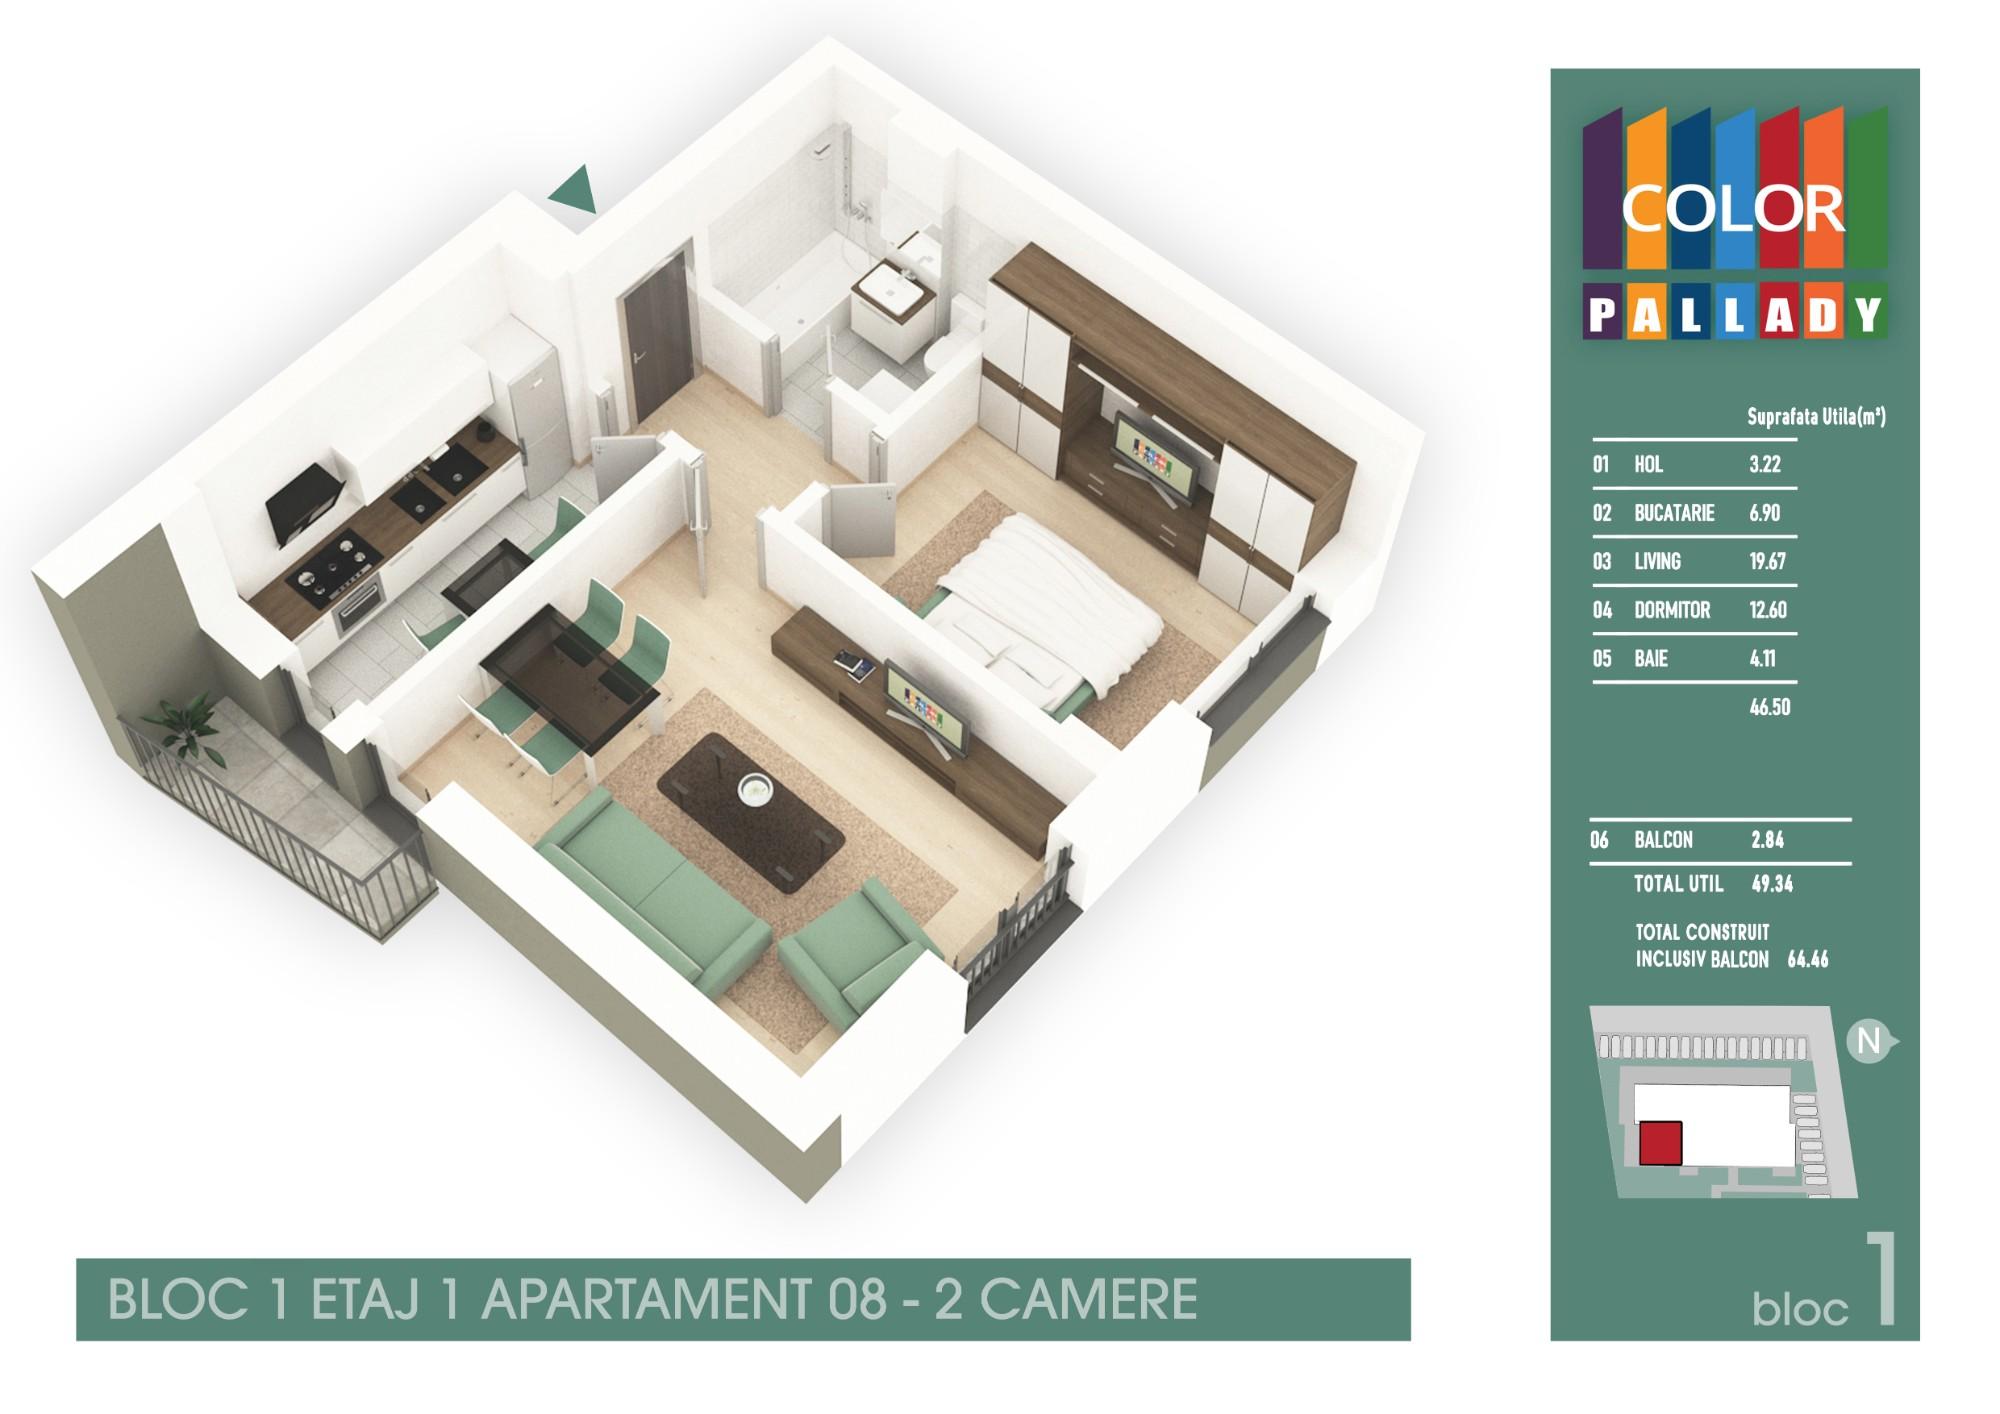 Bloc 1 - Etaj 1 - Apartament 08